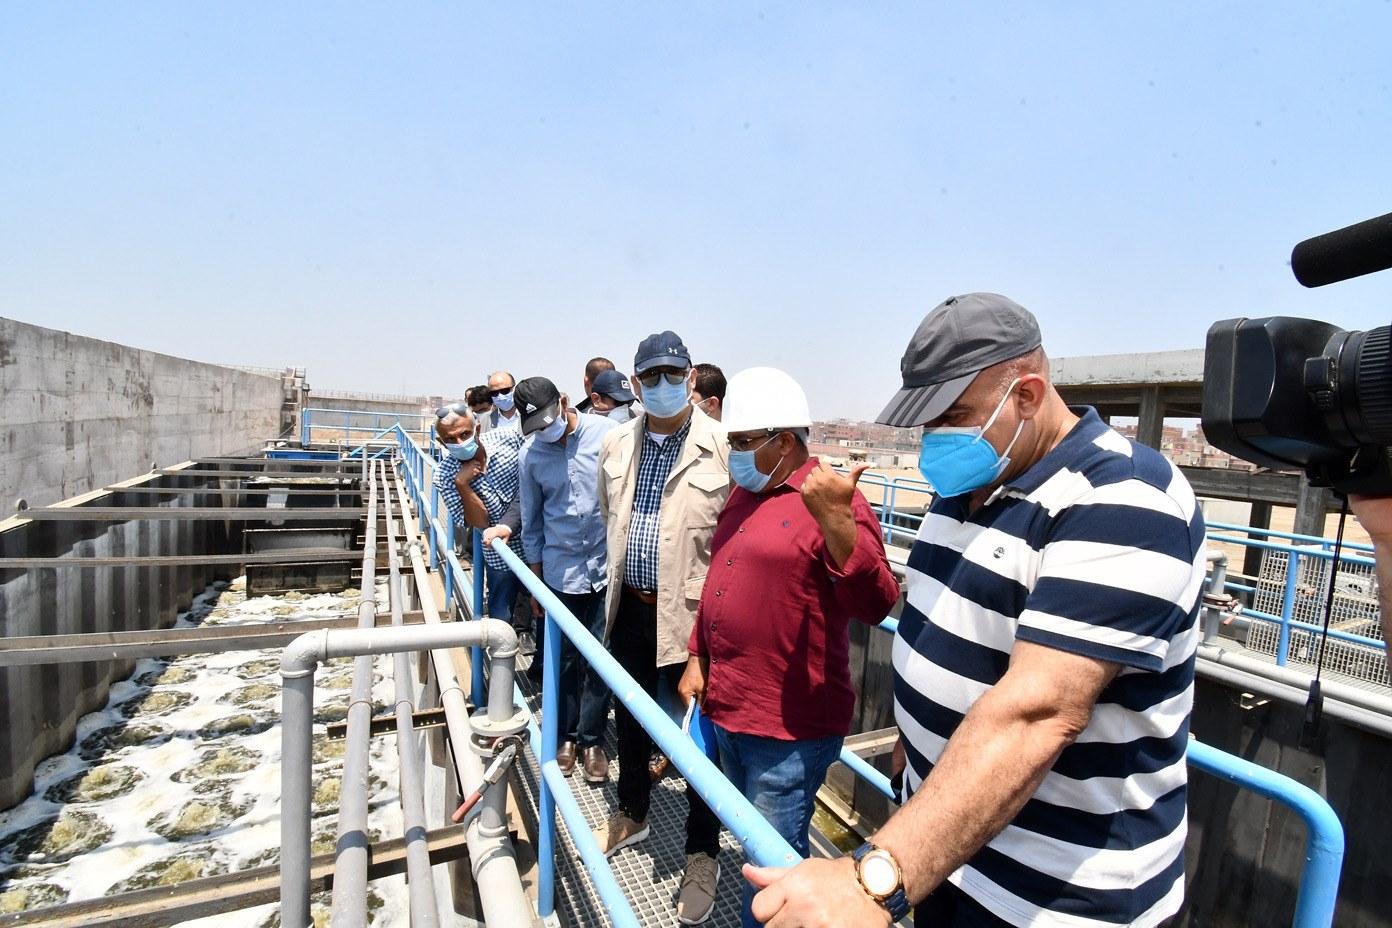 صور | وزير الإسكان يتفقد محطة معالجة صرف صحى وصناعى شطا بدمياط لخدمة 150 ألف نسمة